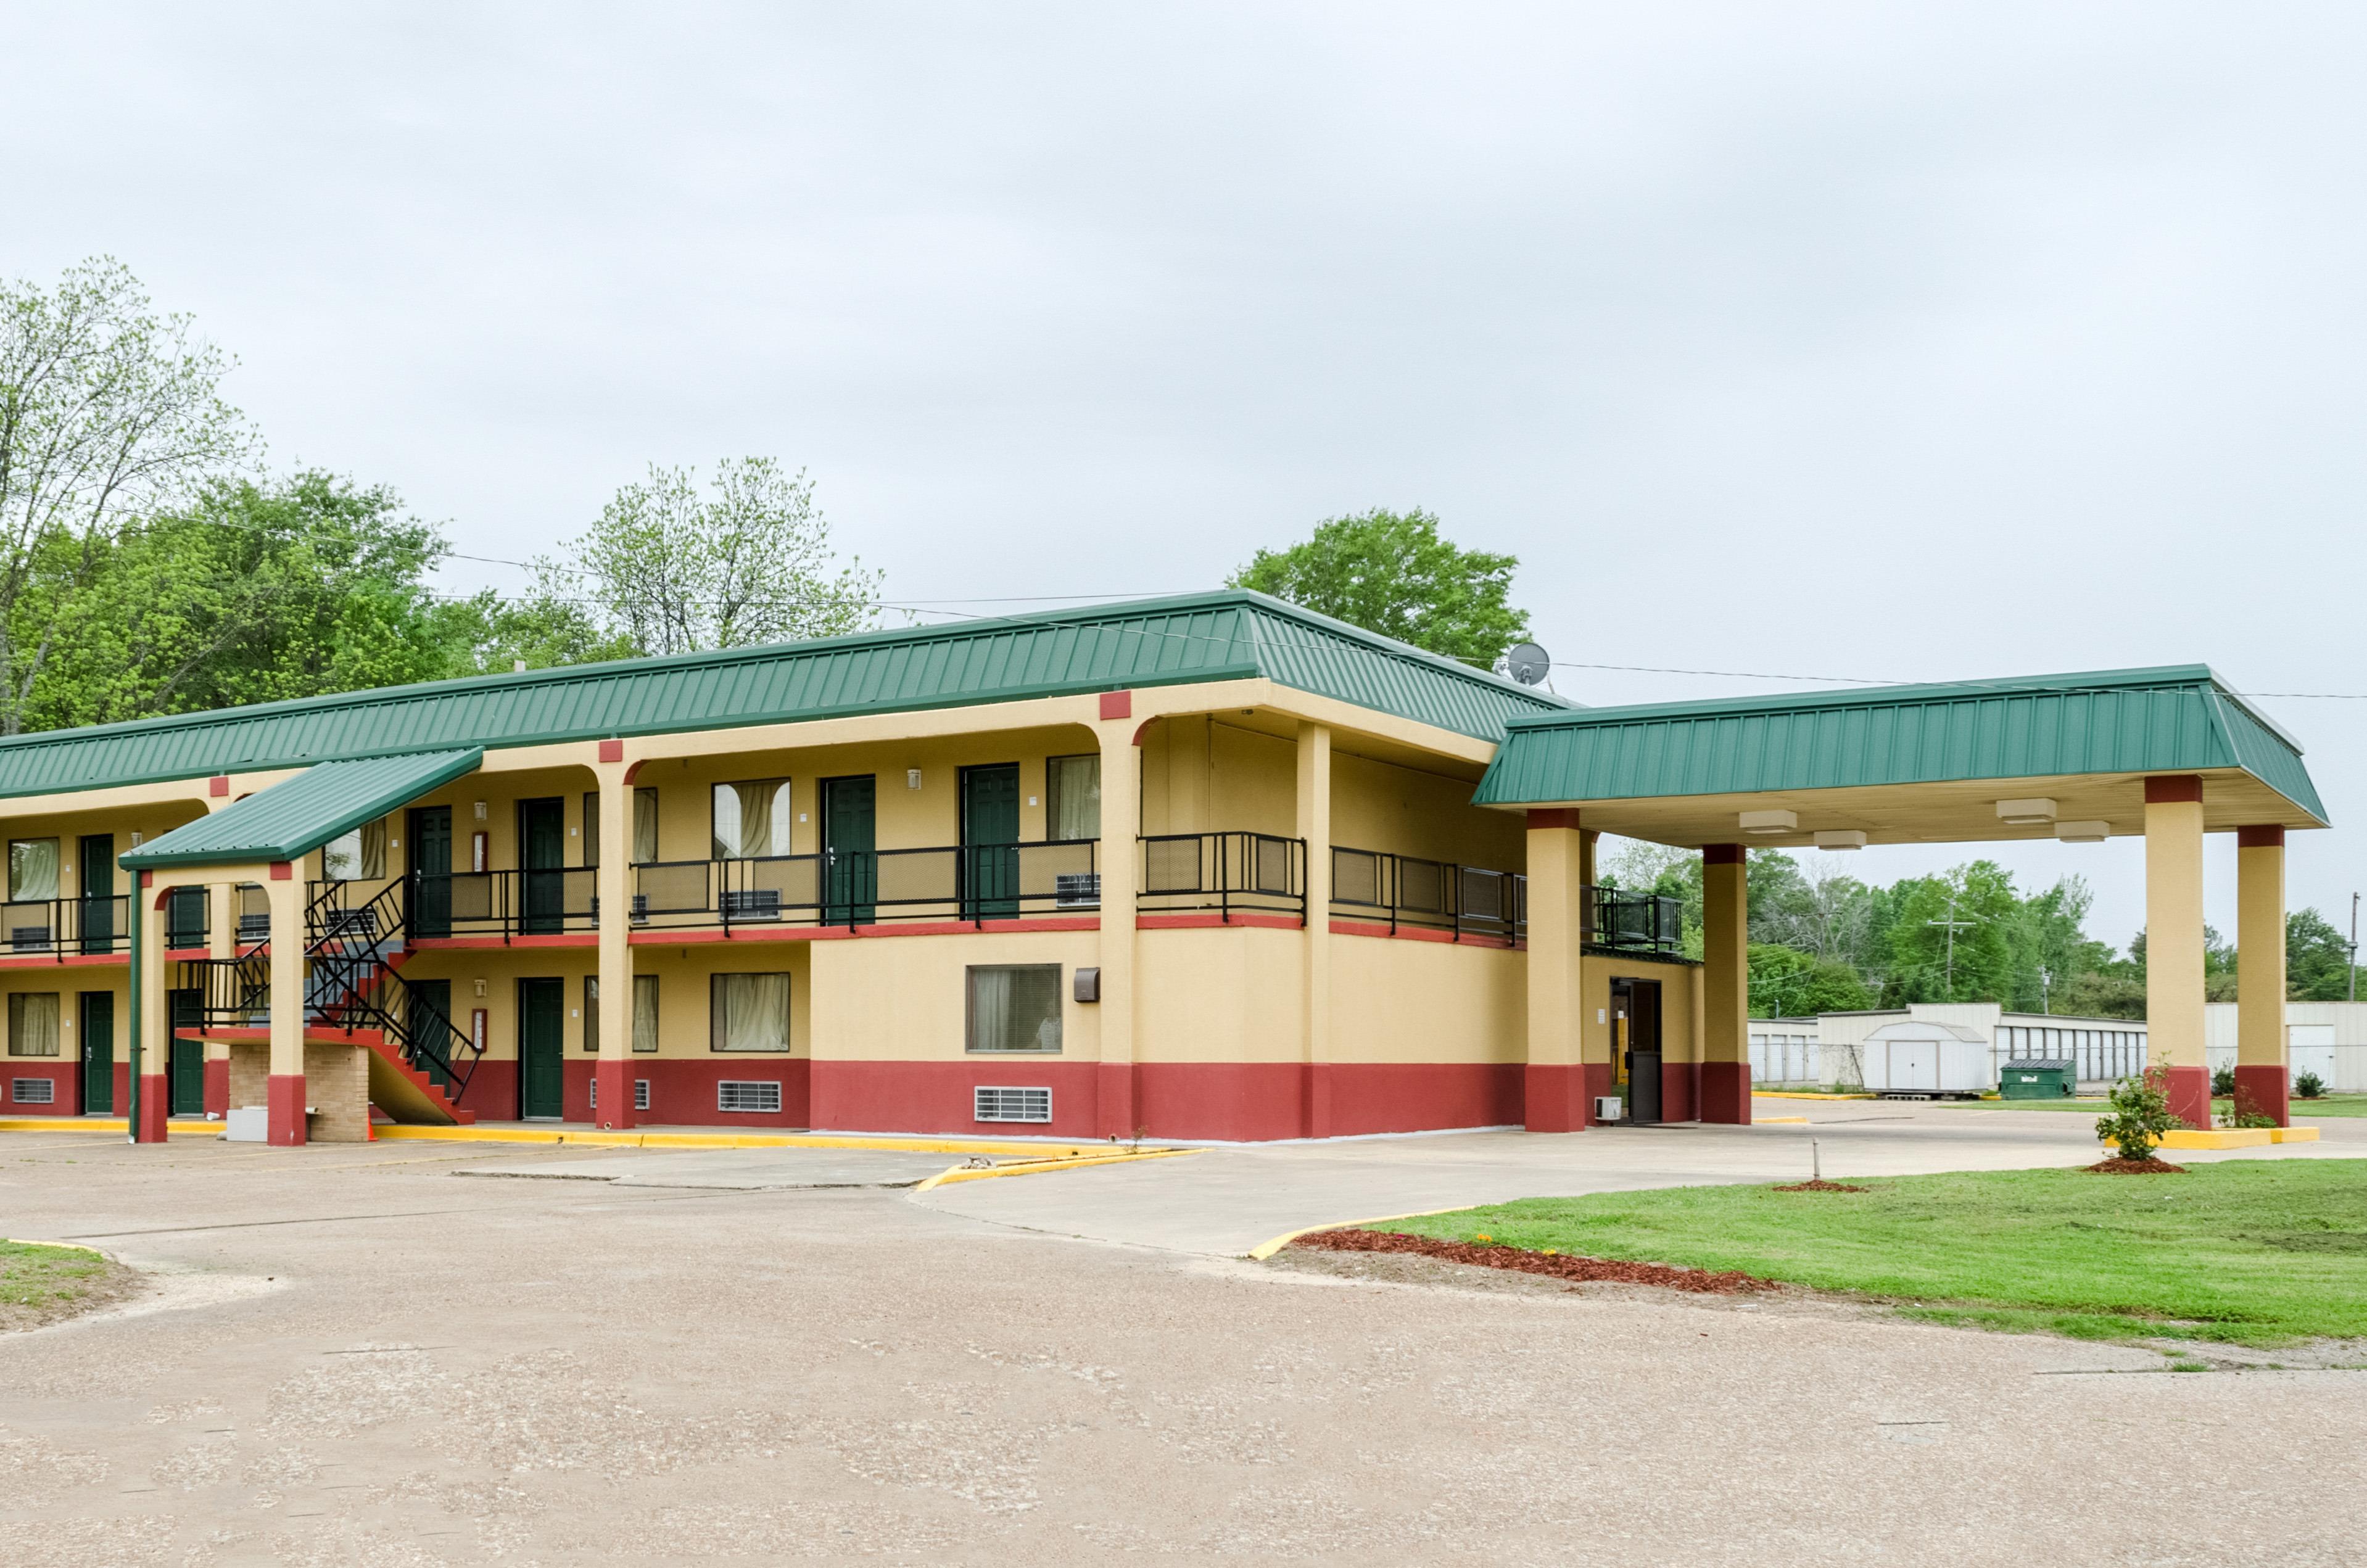 Rodeway Inn, Indianola MS